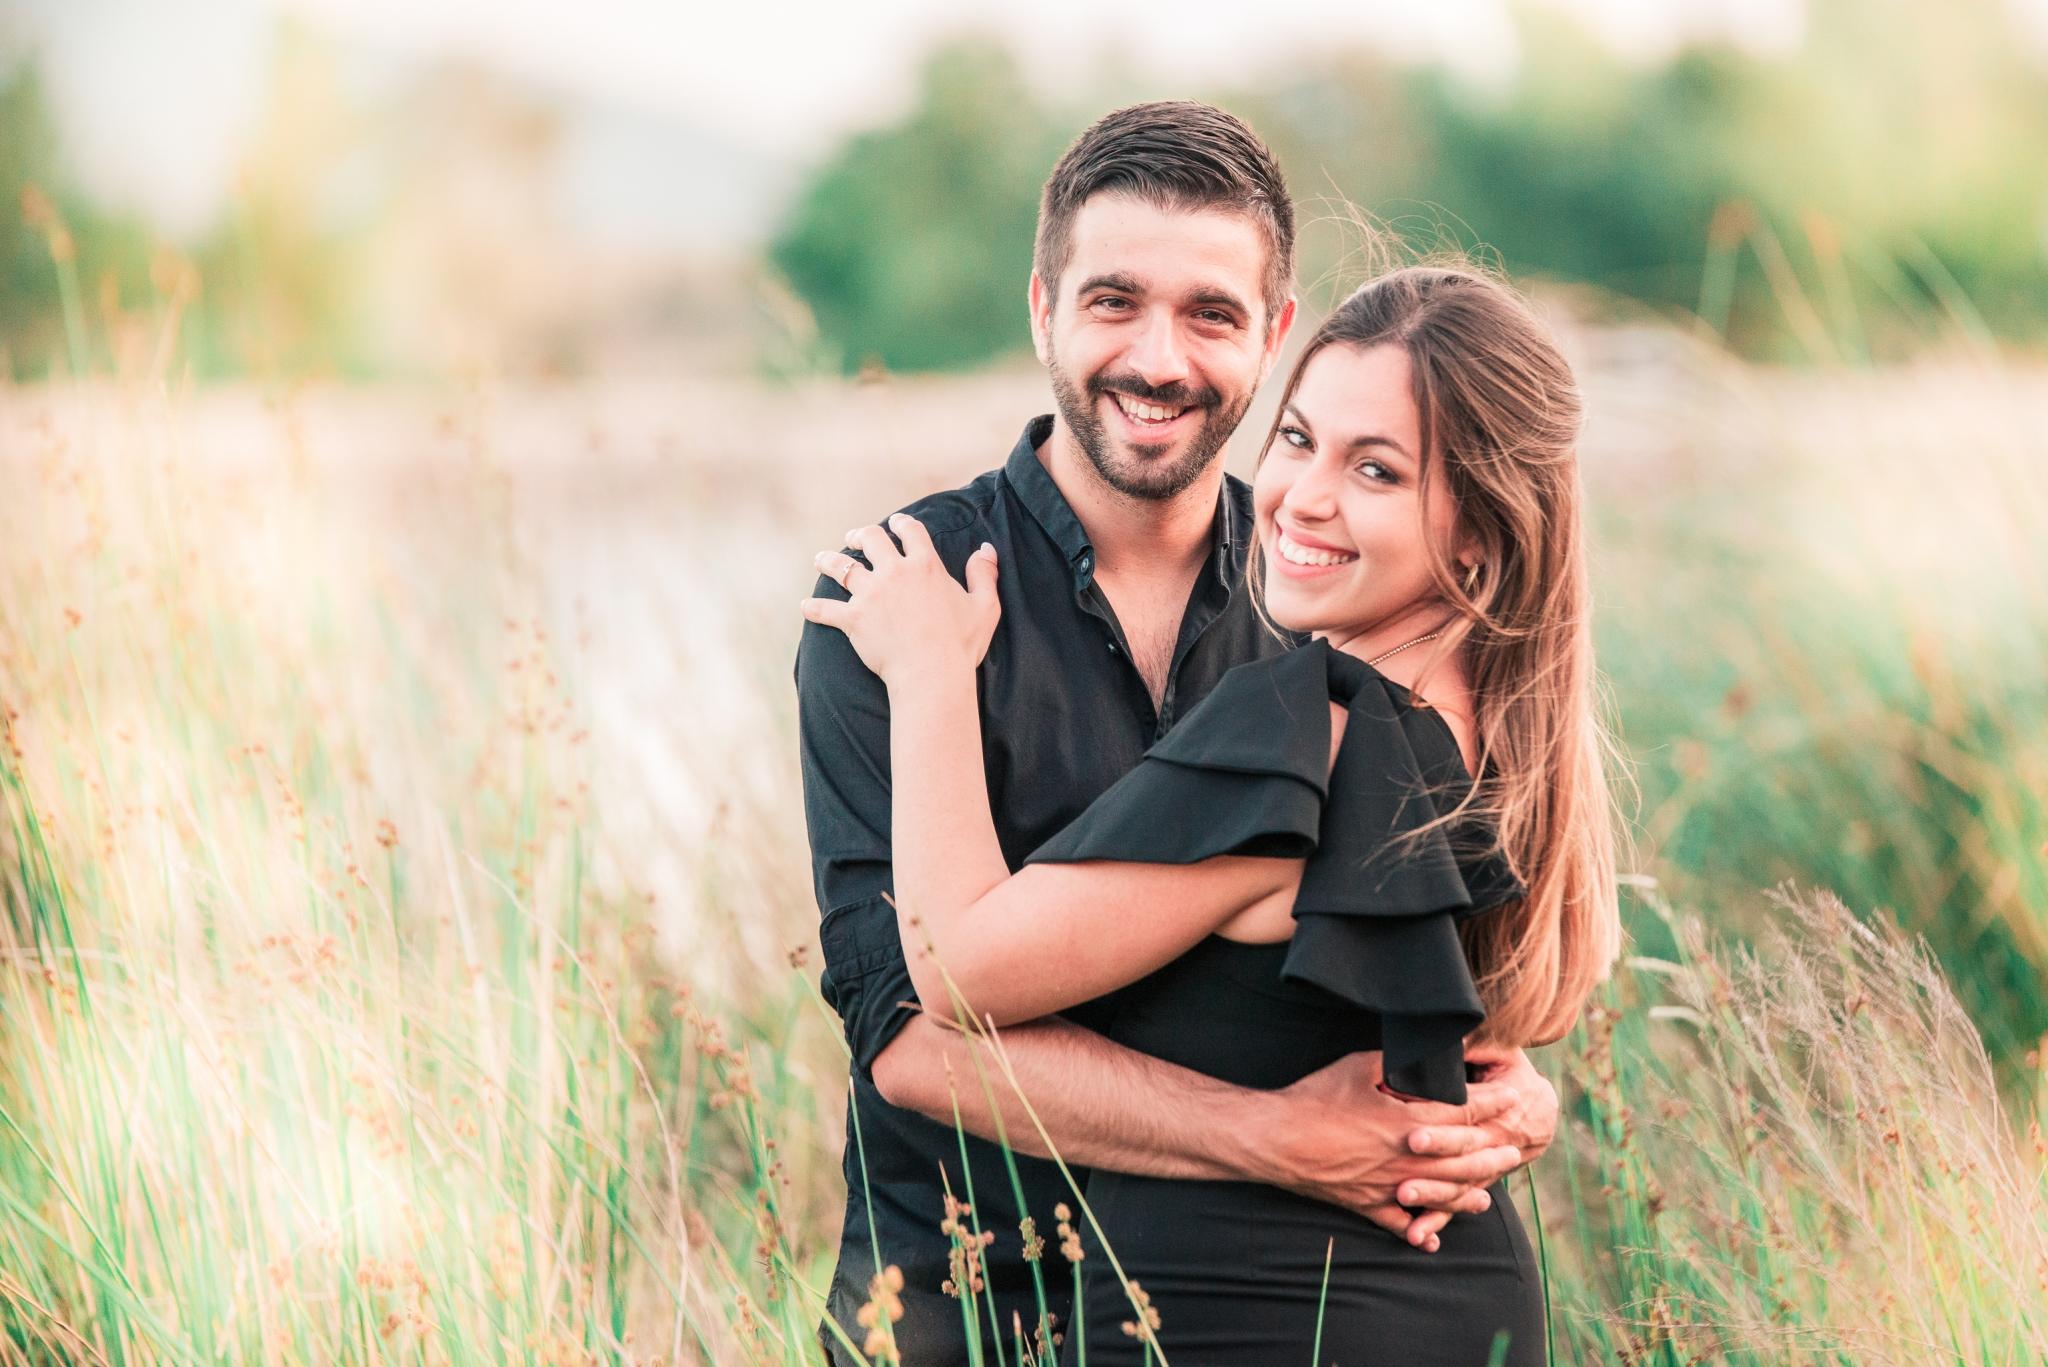 Laurie & Jérémy